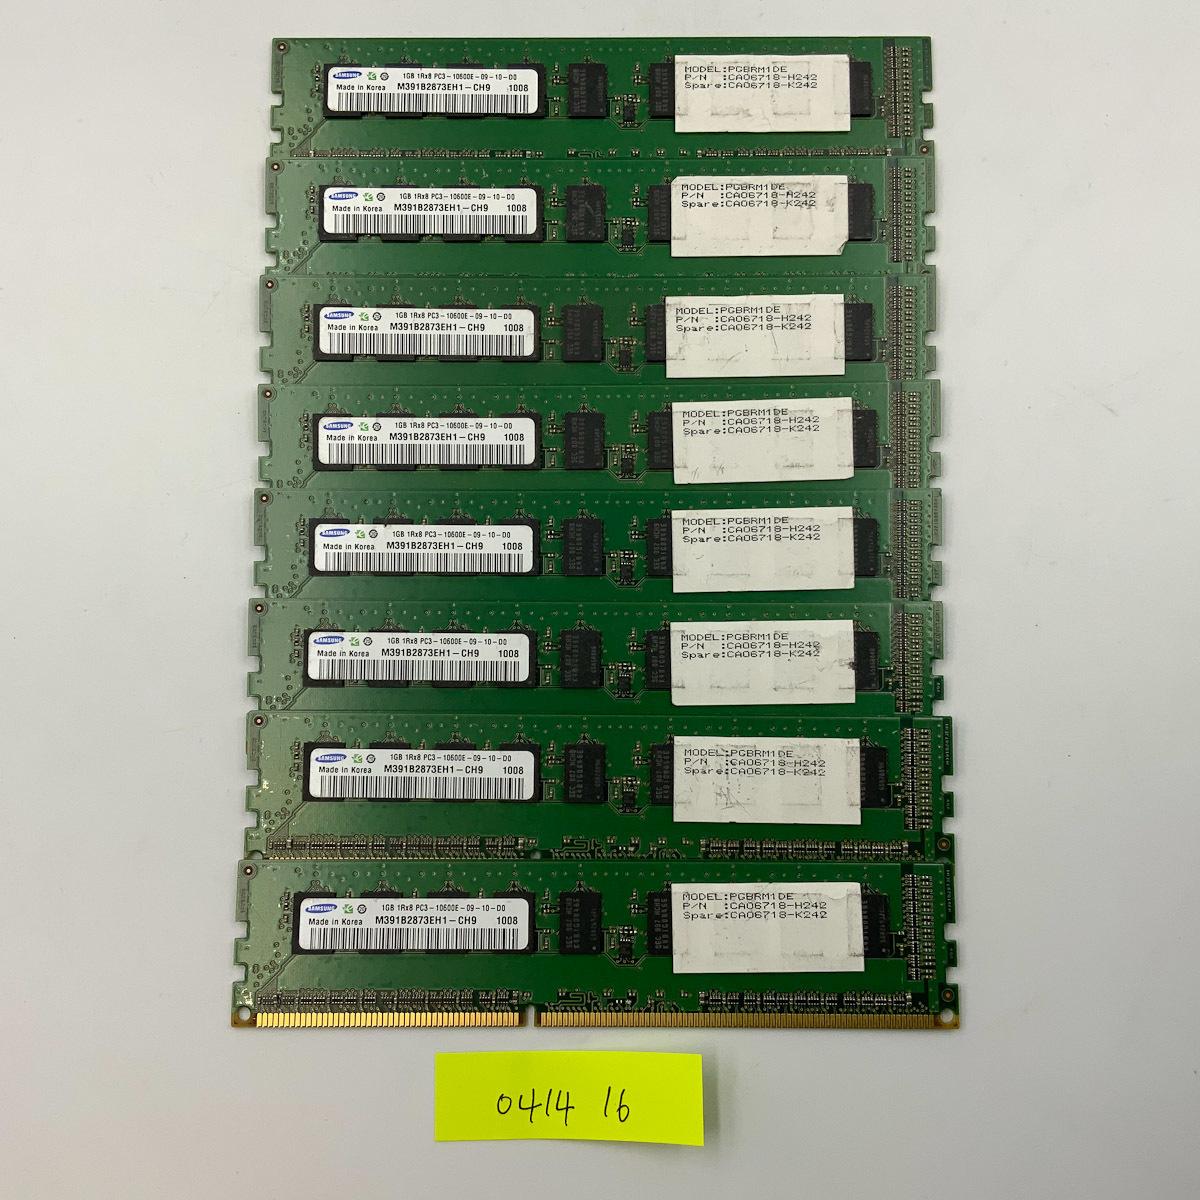 [サーバー用]Samusng 1G 合計8枚セット メモリ メモリーPC3-10600E ECC DDR3 1333 16_画像1